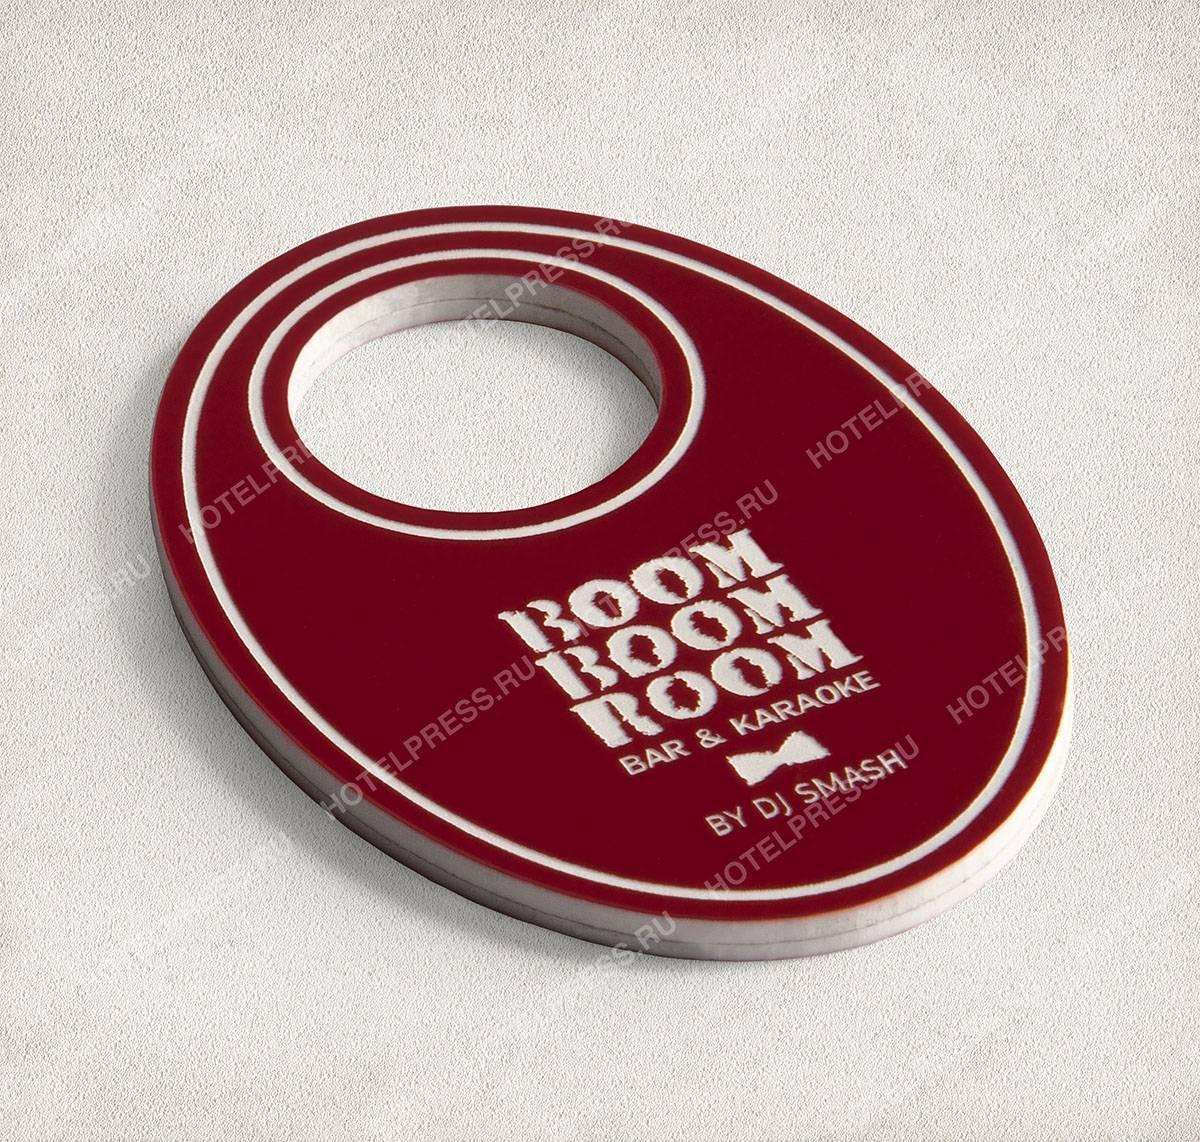 """Двухсторонний номерок бара караоке """"Boom Boom Room by Dj Smash"""""""